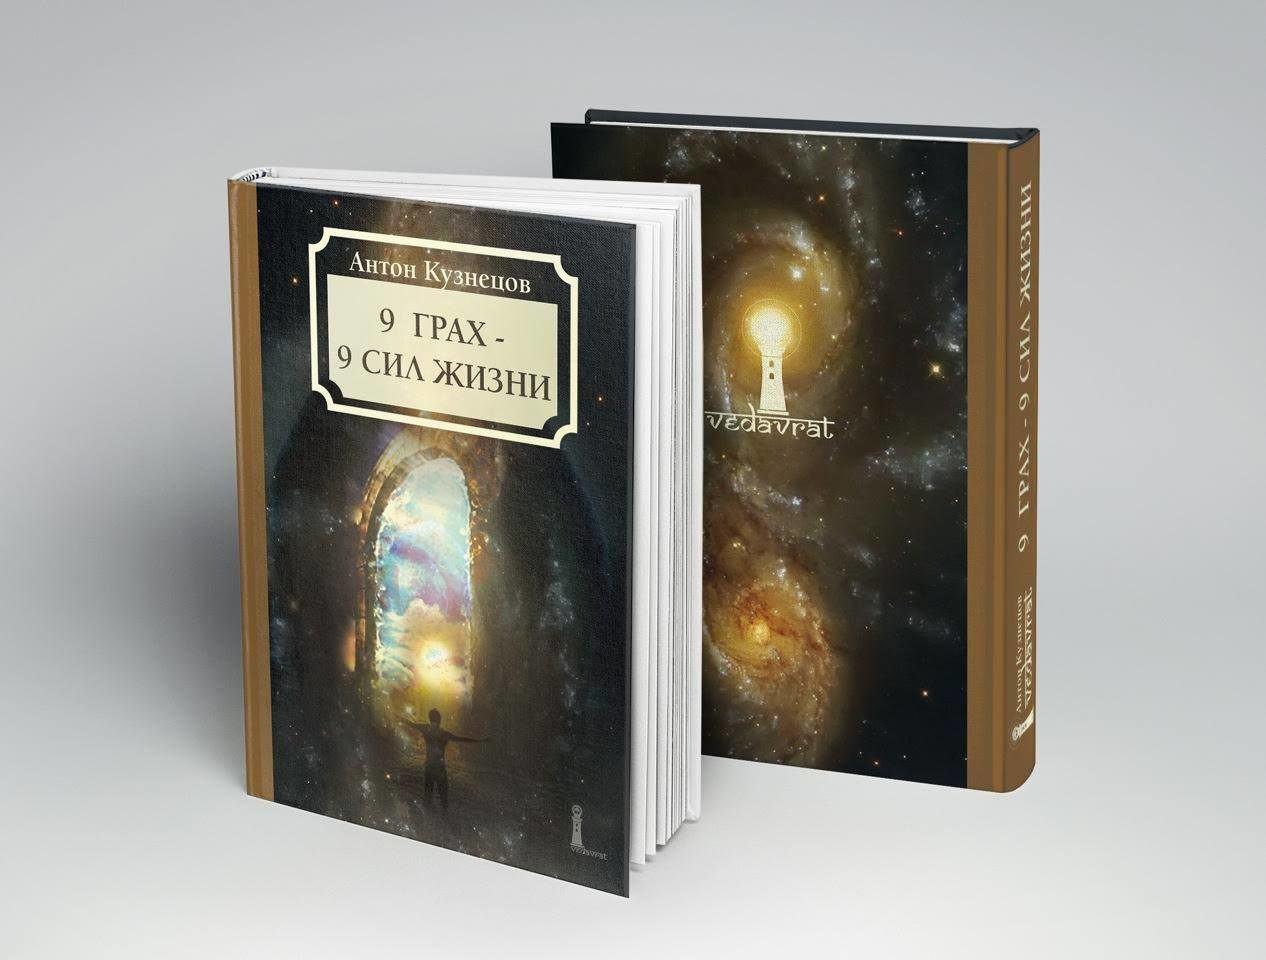 * 9 Грах – 9 Сил жизни, книга, Антон Кузнецов (Ведаврат) ***